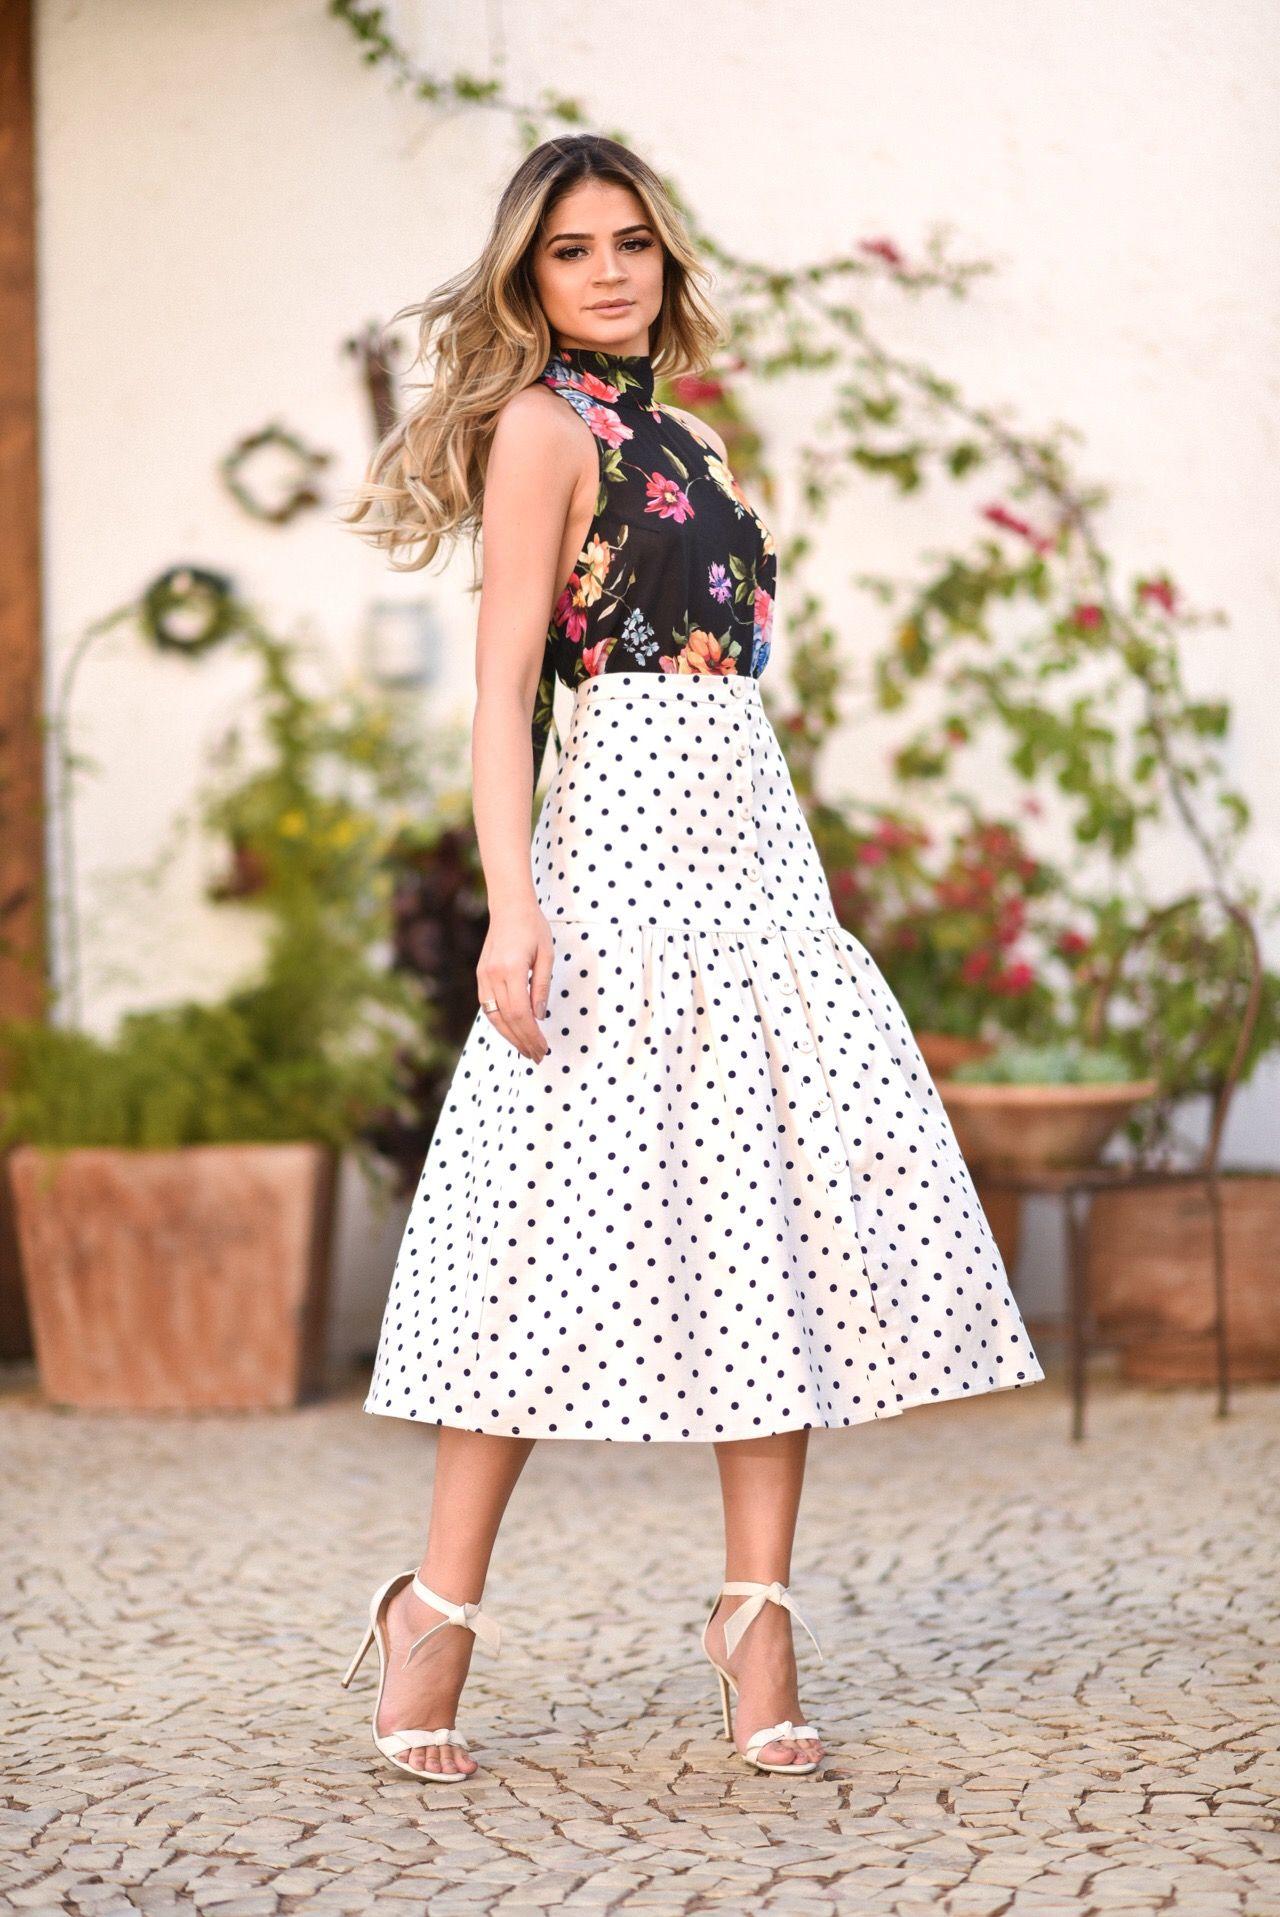 f3998d6ab Look da Thássia Naves com mistura de estampas: saia midi de poá branca e  preta, blusa de frente única estampada com flores e sandália de salto